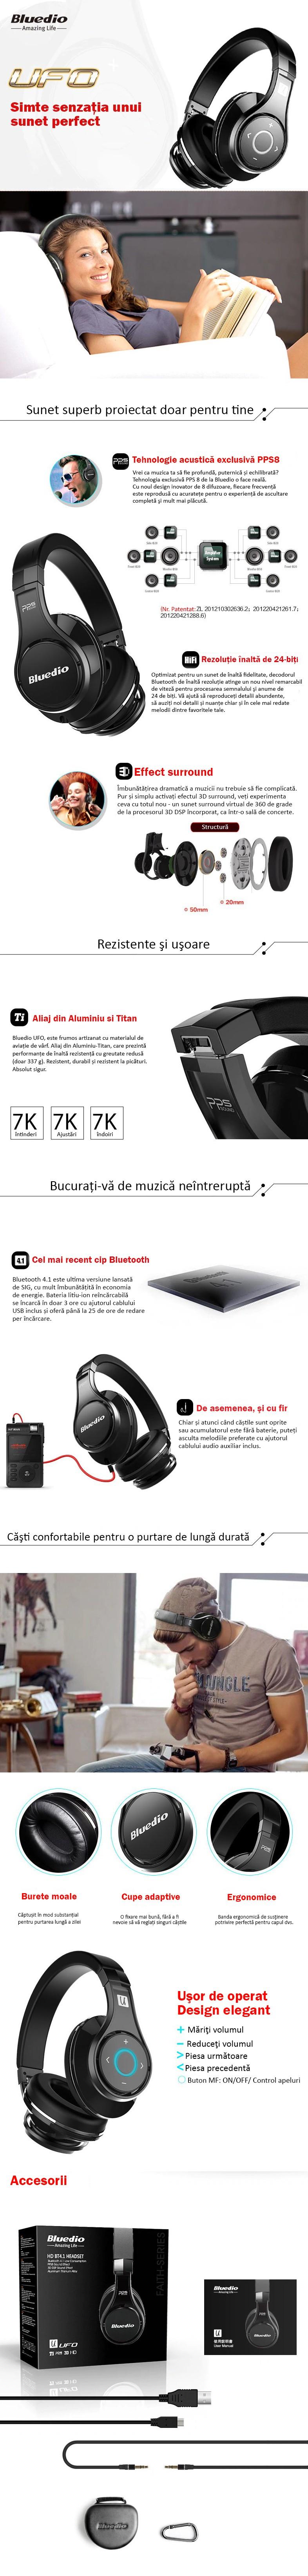 screencapture-dualstore-ro-gadgeturicastiincarcatoare-si-cabluri-usb-1310-casti-bluetooth-bluedio-u-ufo-8-difuzoare-wireless-headphones-over-ear-pps-cu-microfon-anularea-zgomotelor-htm3e11f24de684c7b2.jpg